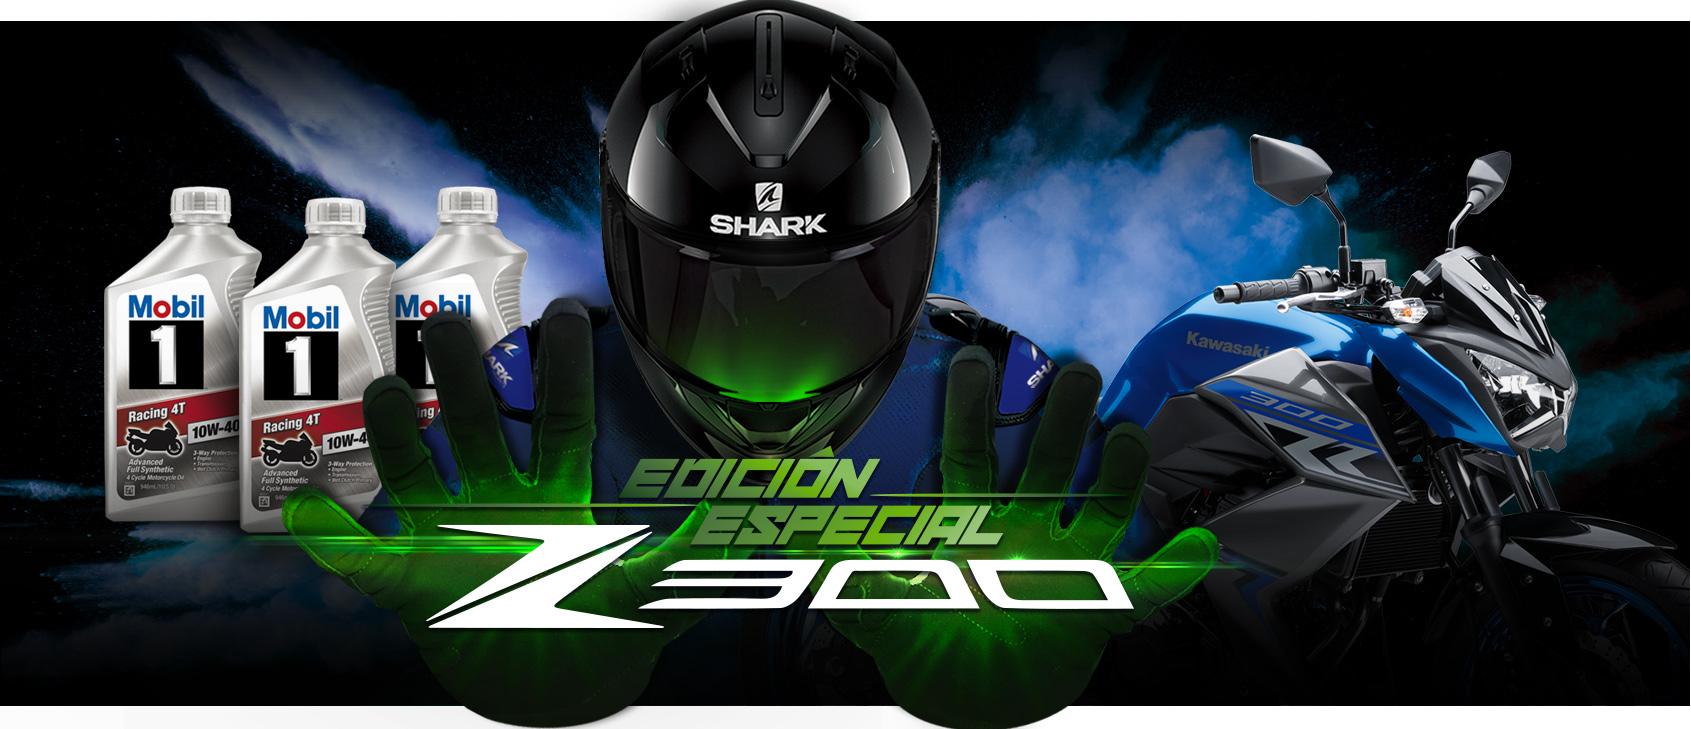 z300 Edicion Especial